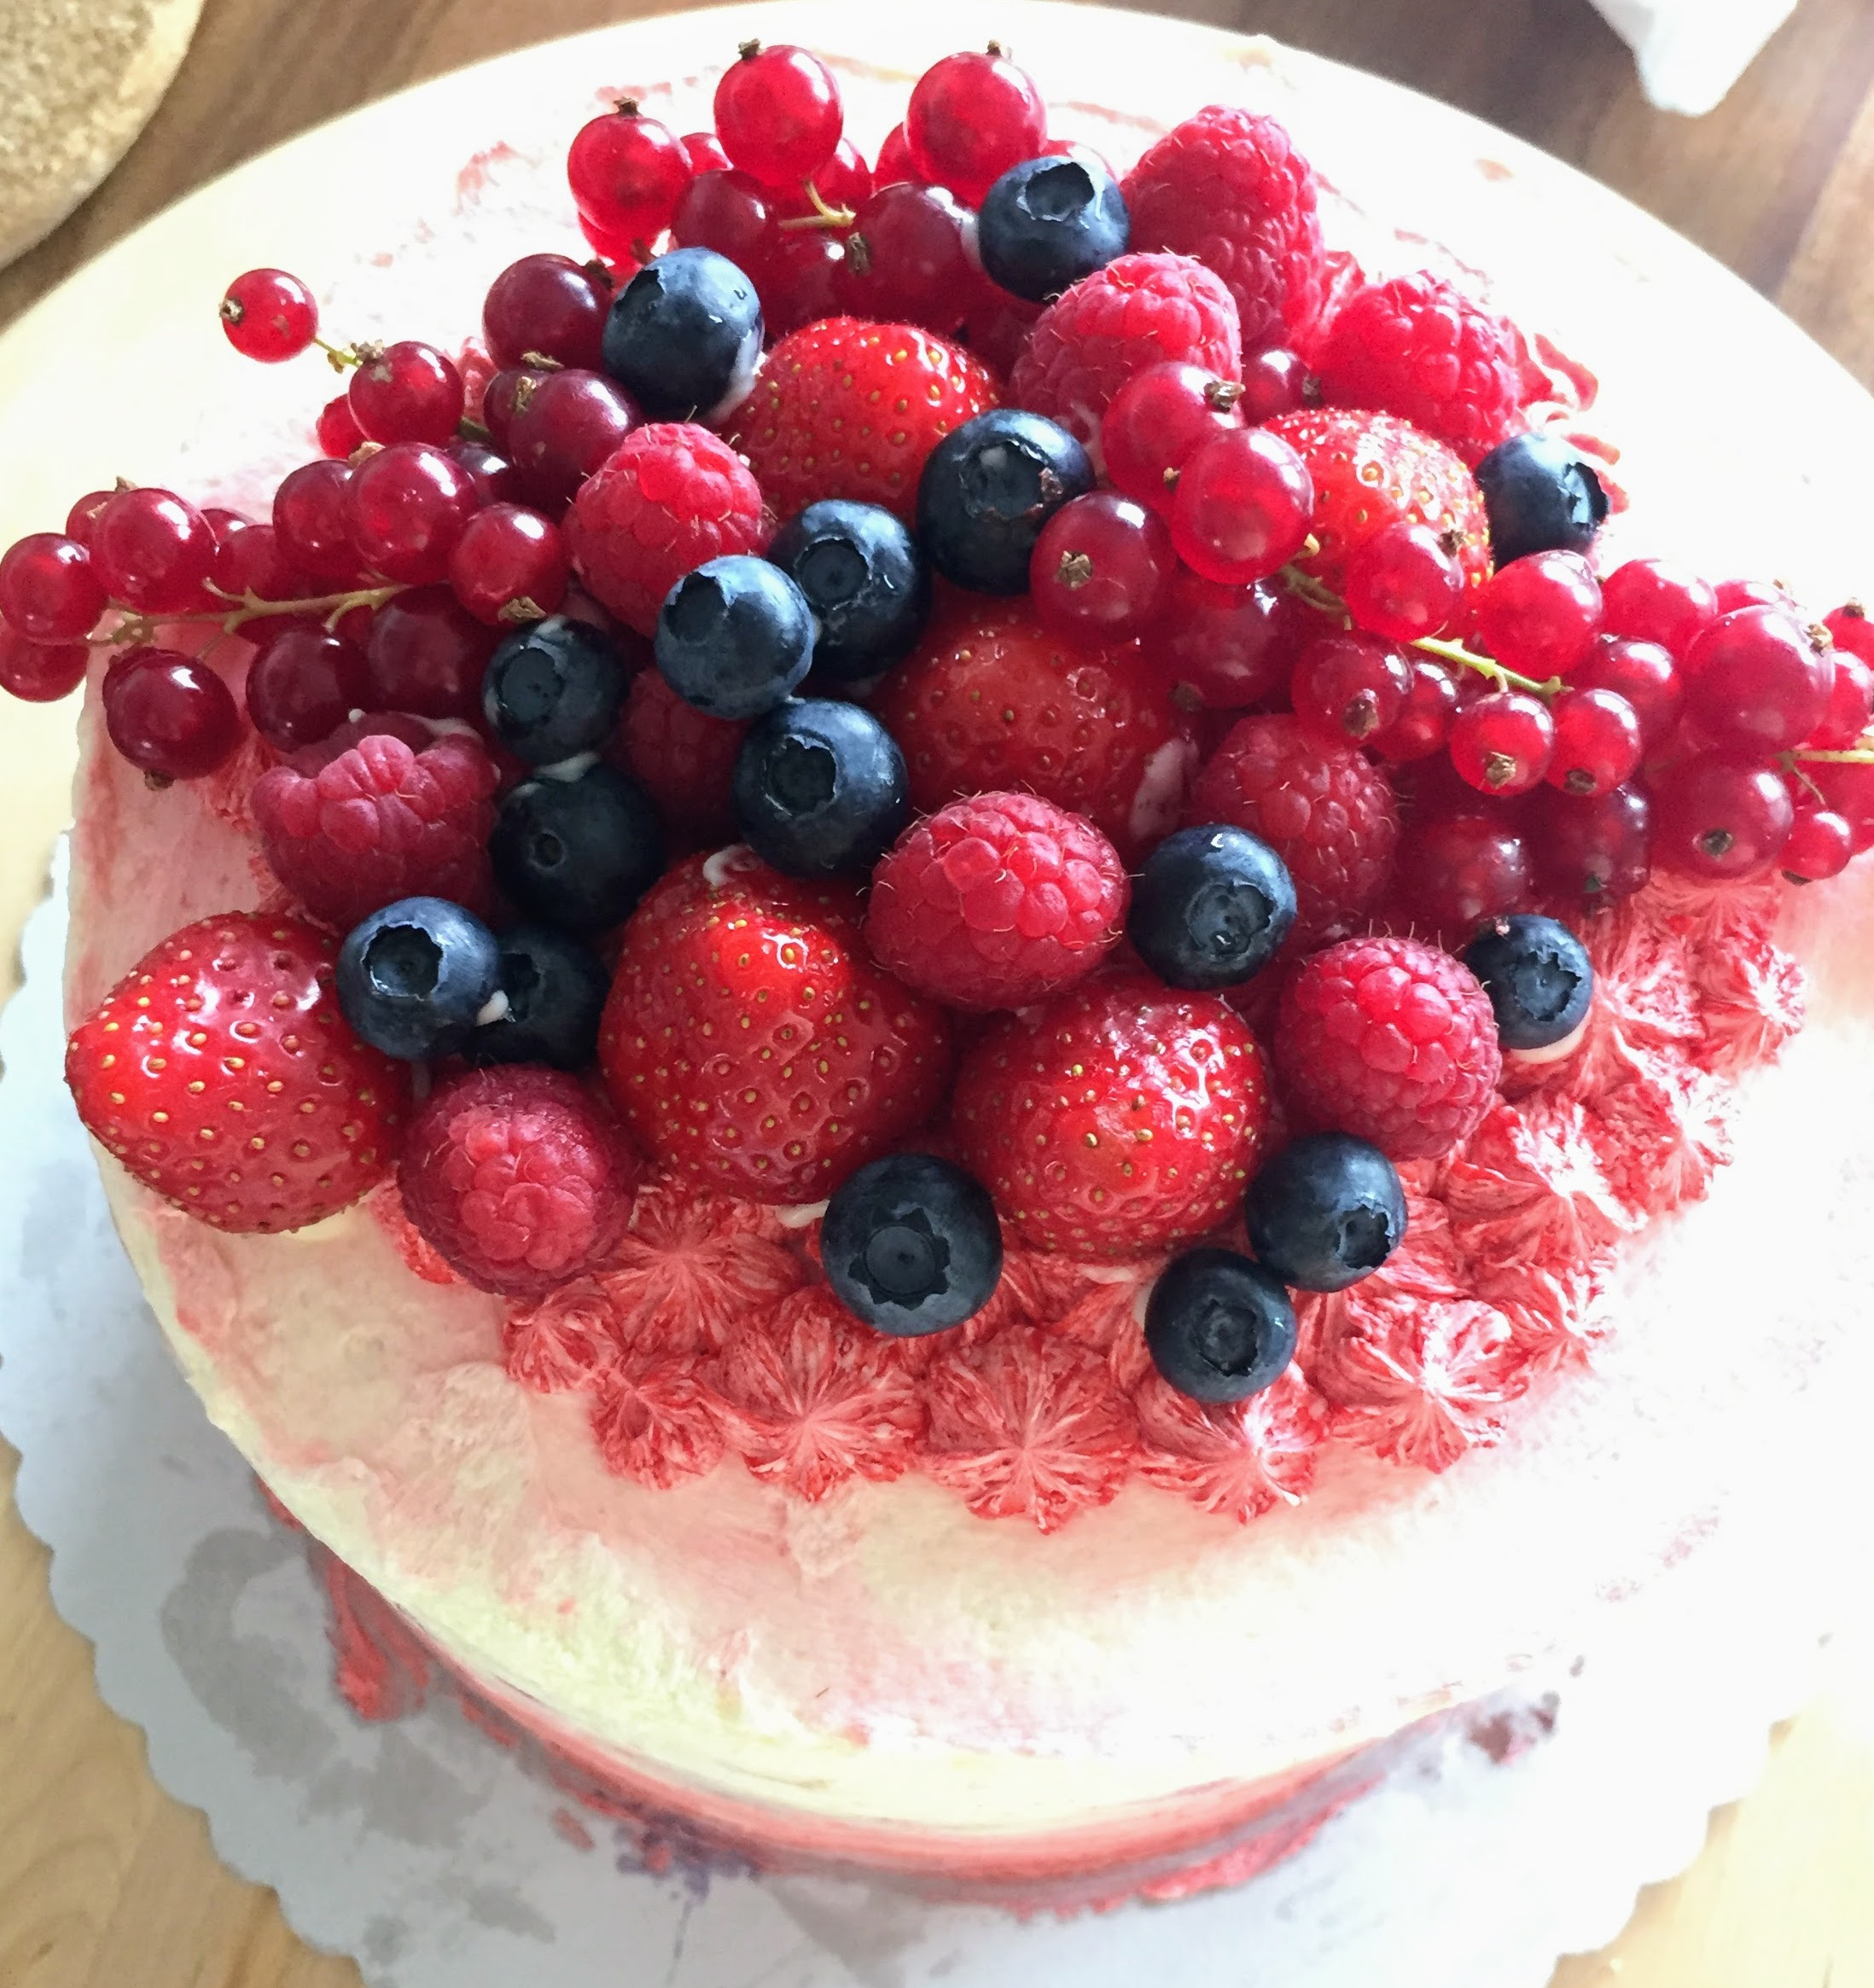 Kuchen mit Beeren als Dekoration